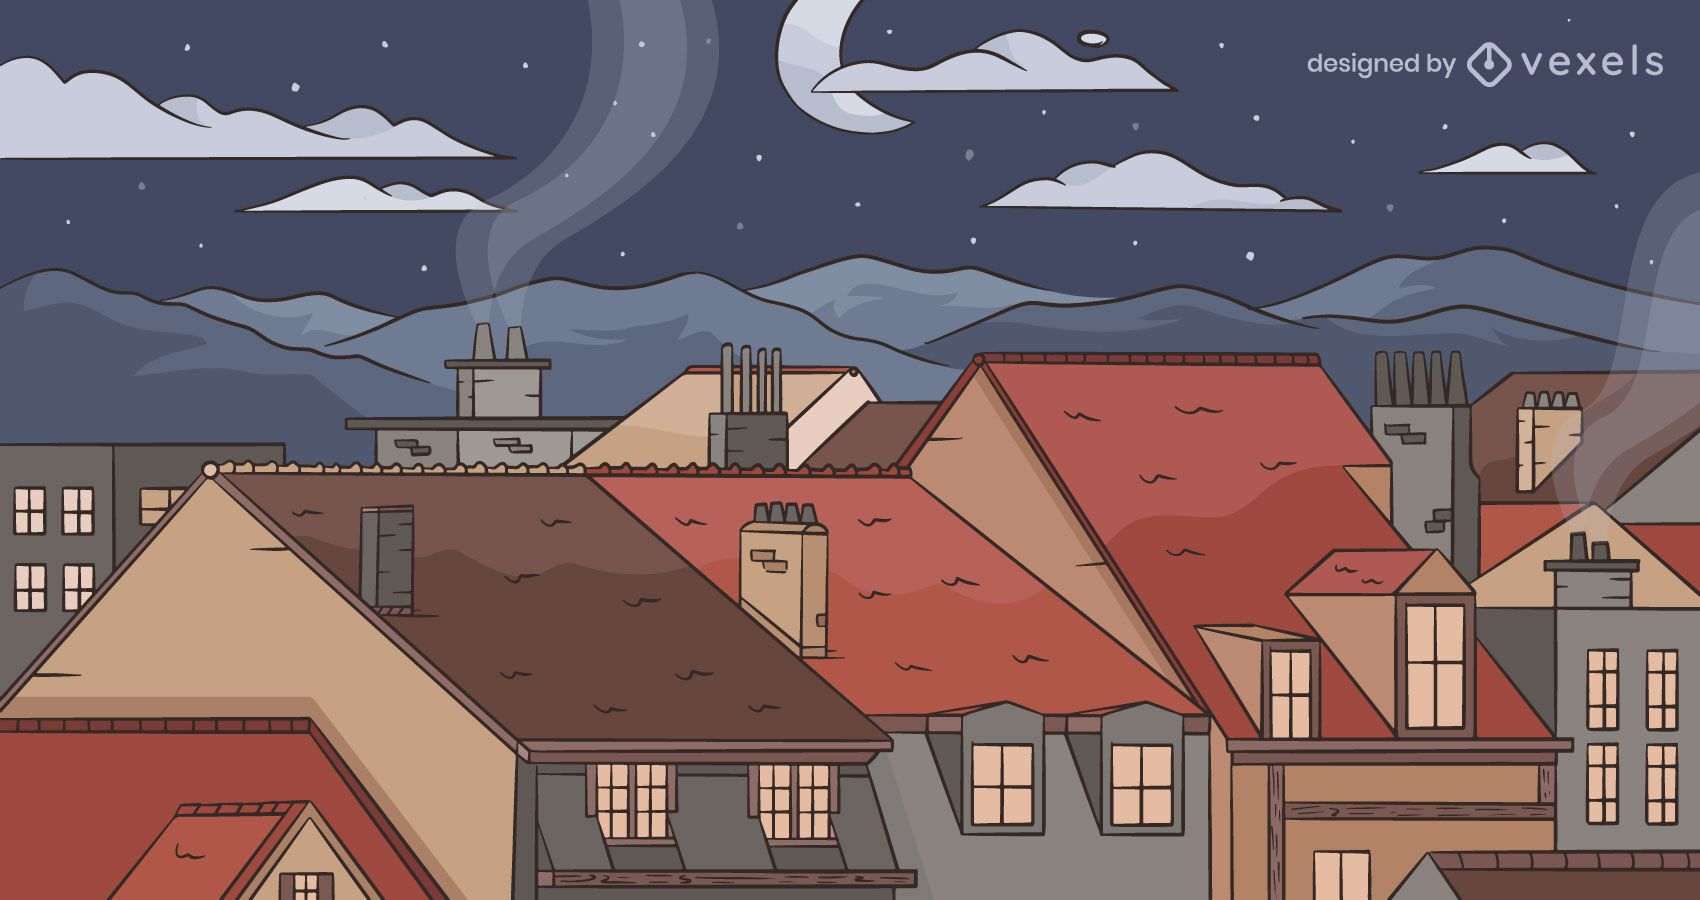 Night town background design